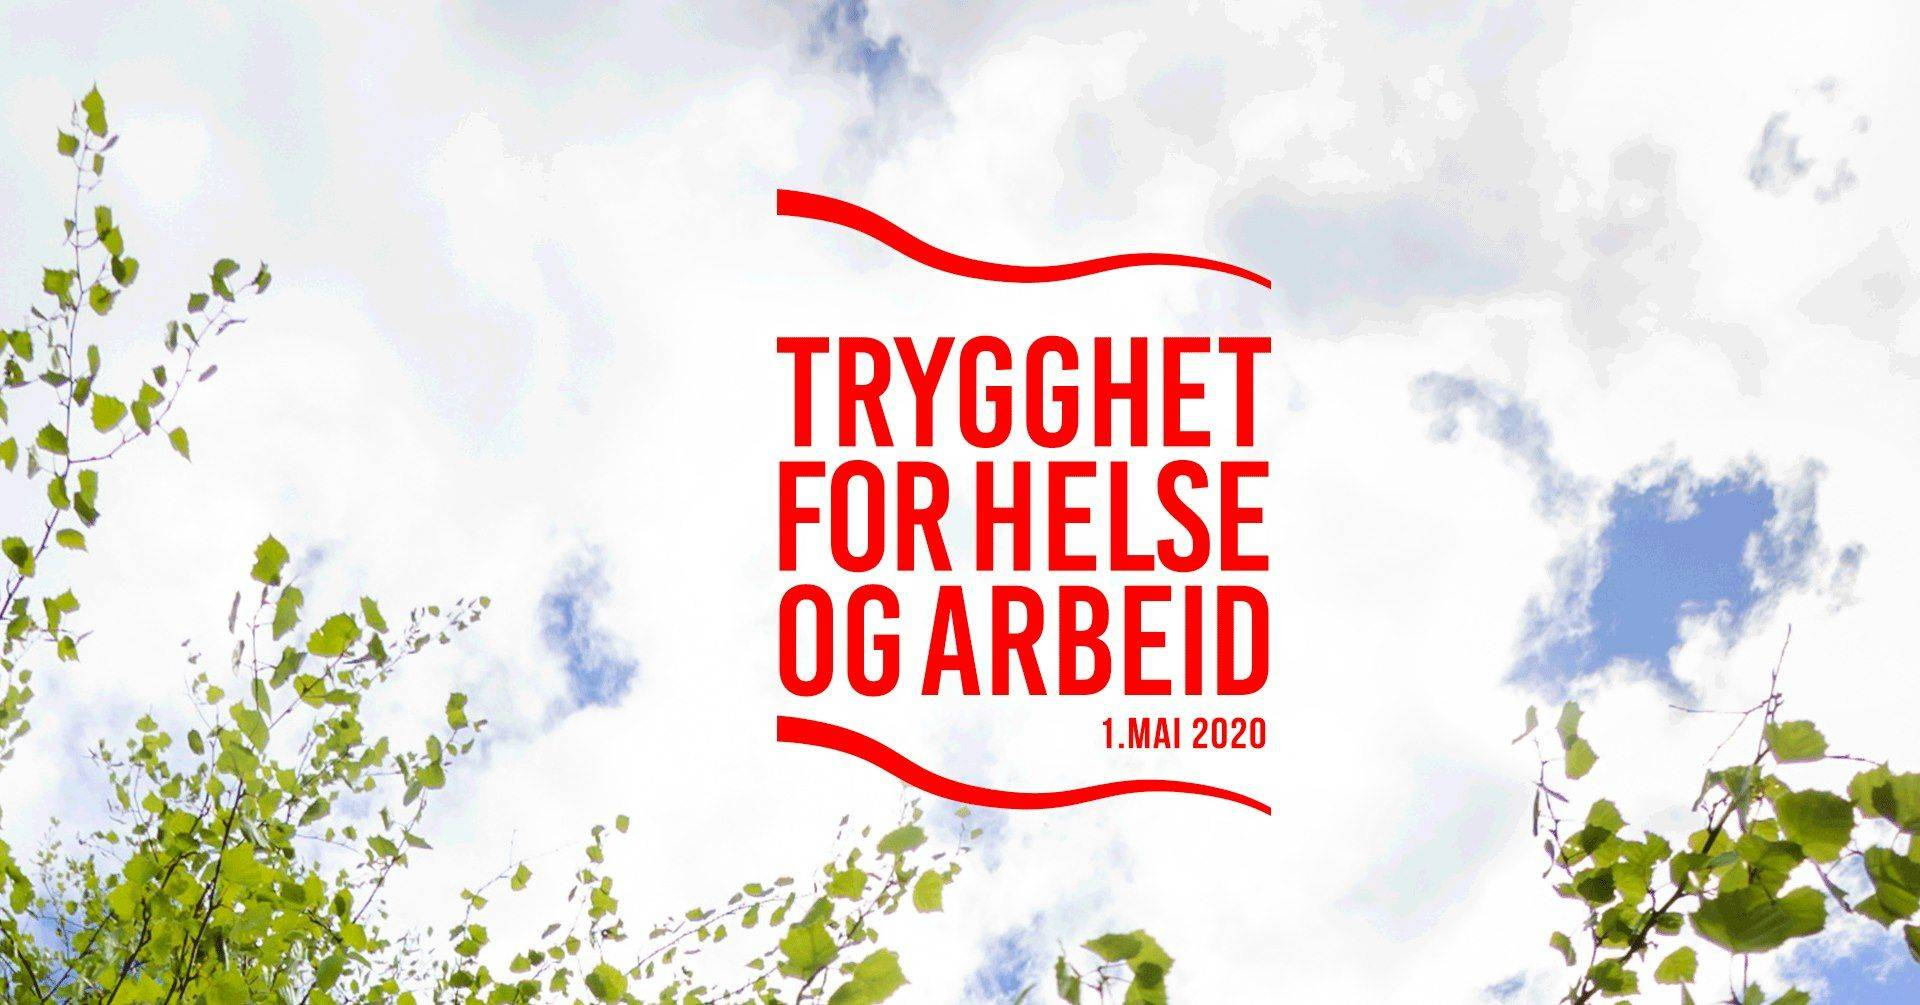 Trygghet for helse og arbeid - 1. mai 2020. Bak den røde teksten er det hvite skyer, blå himmel og grønne blader.